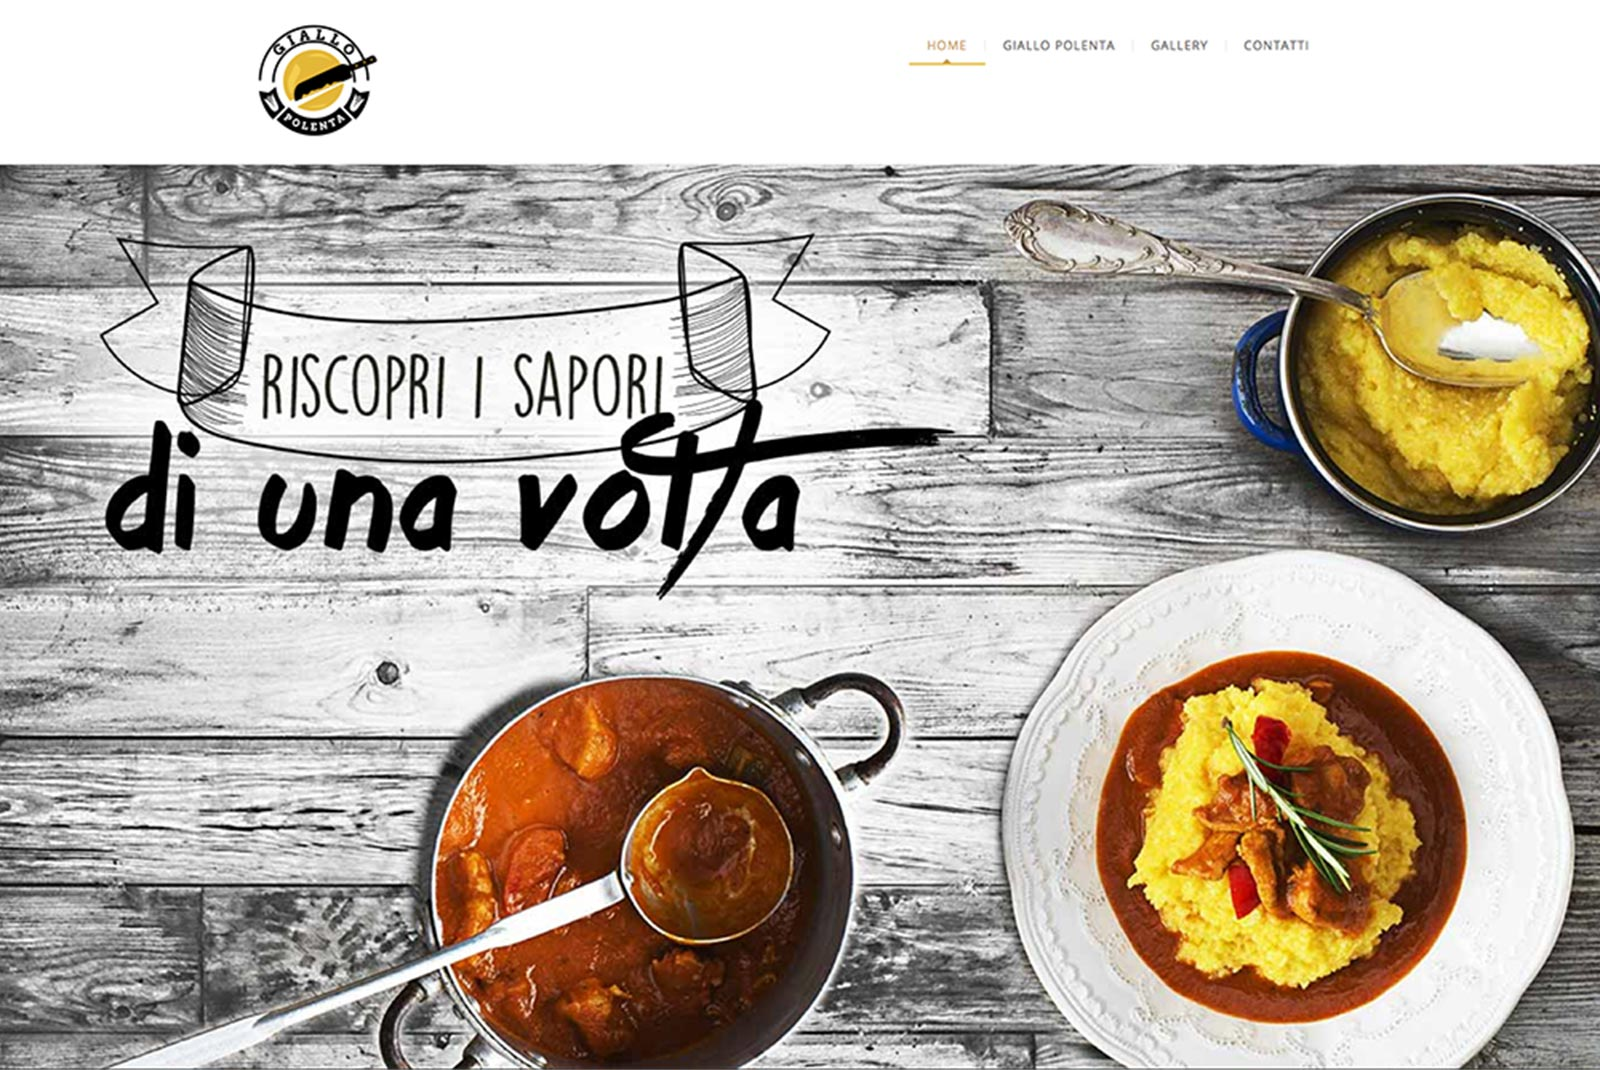 GialloPolenta - sito responsive